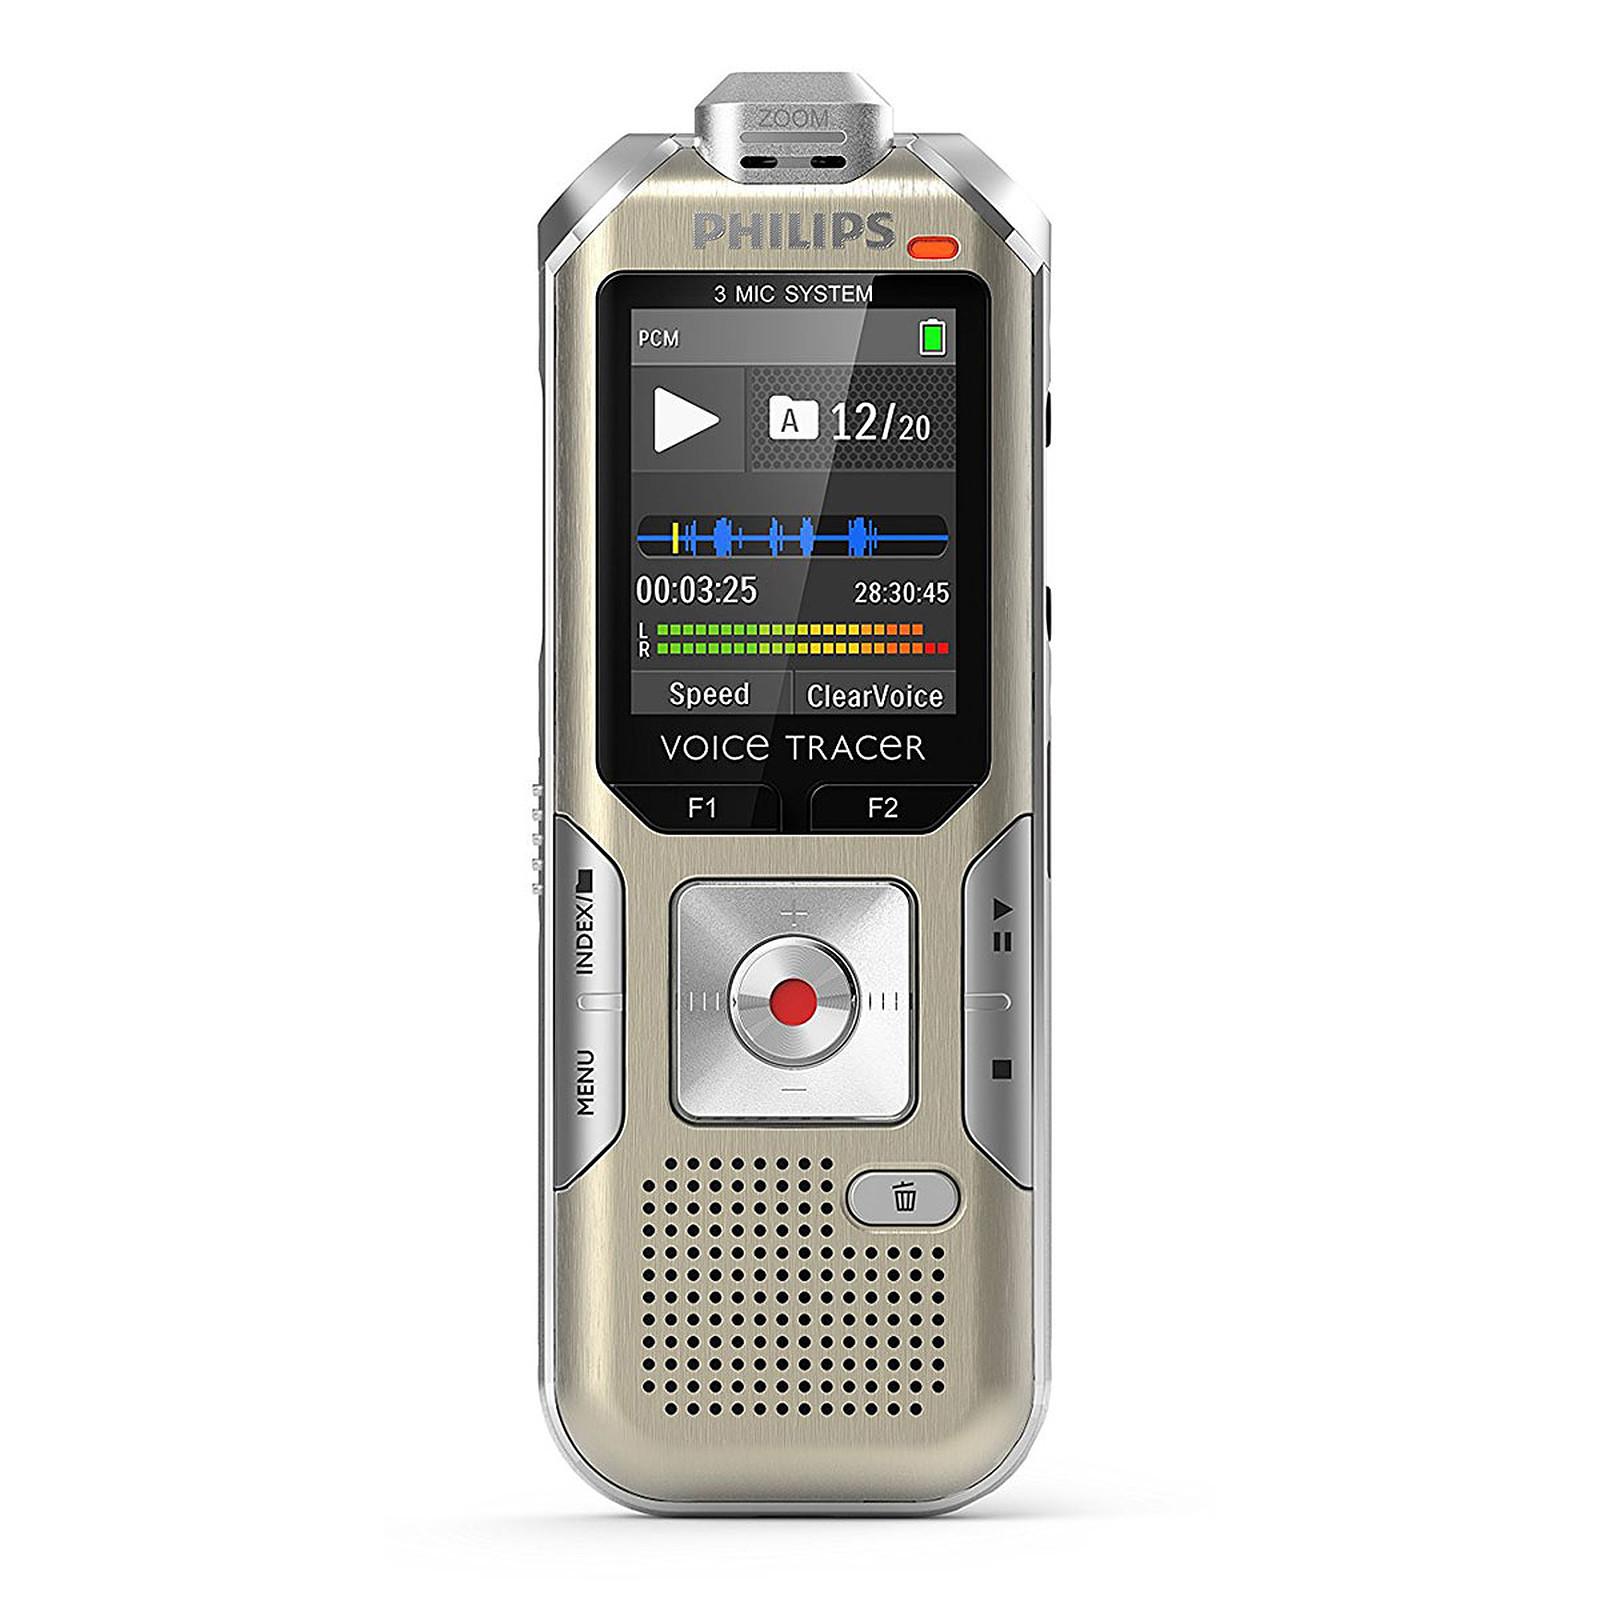 Philips DVT6510